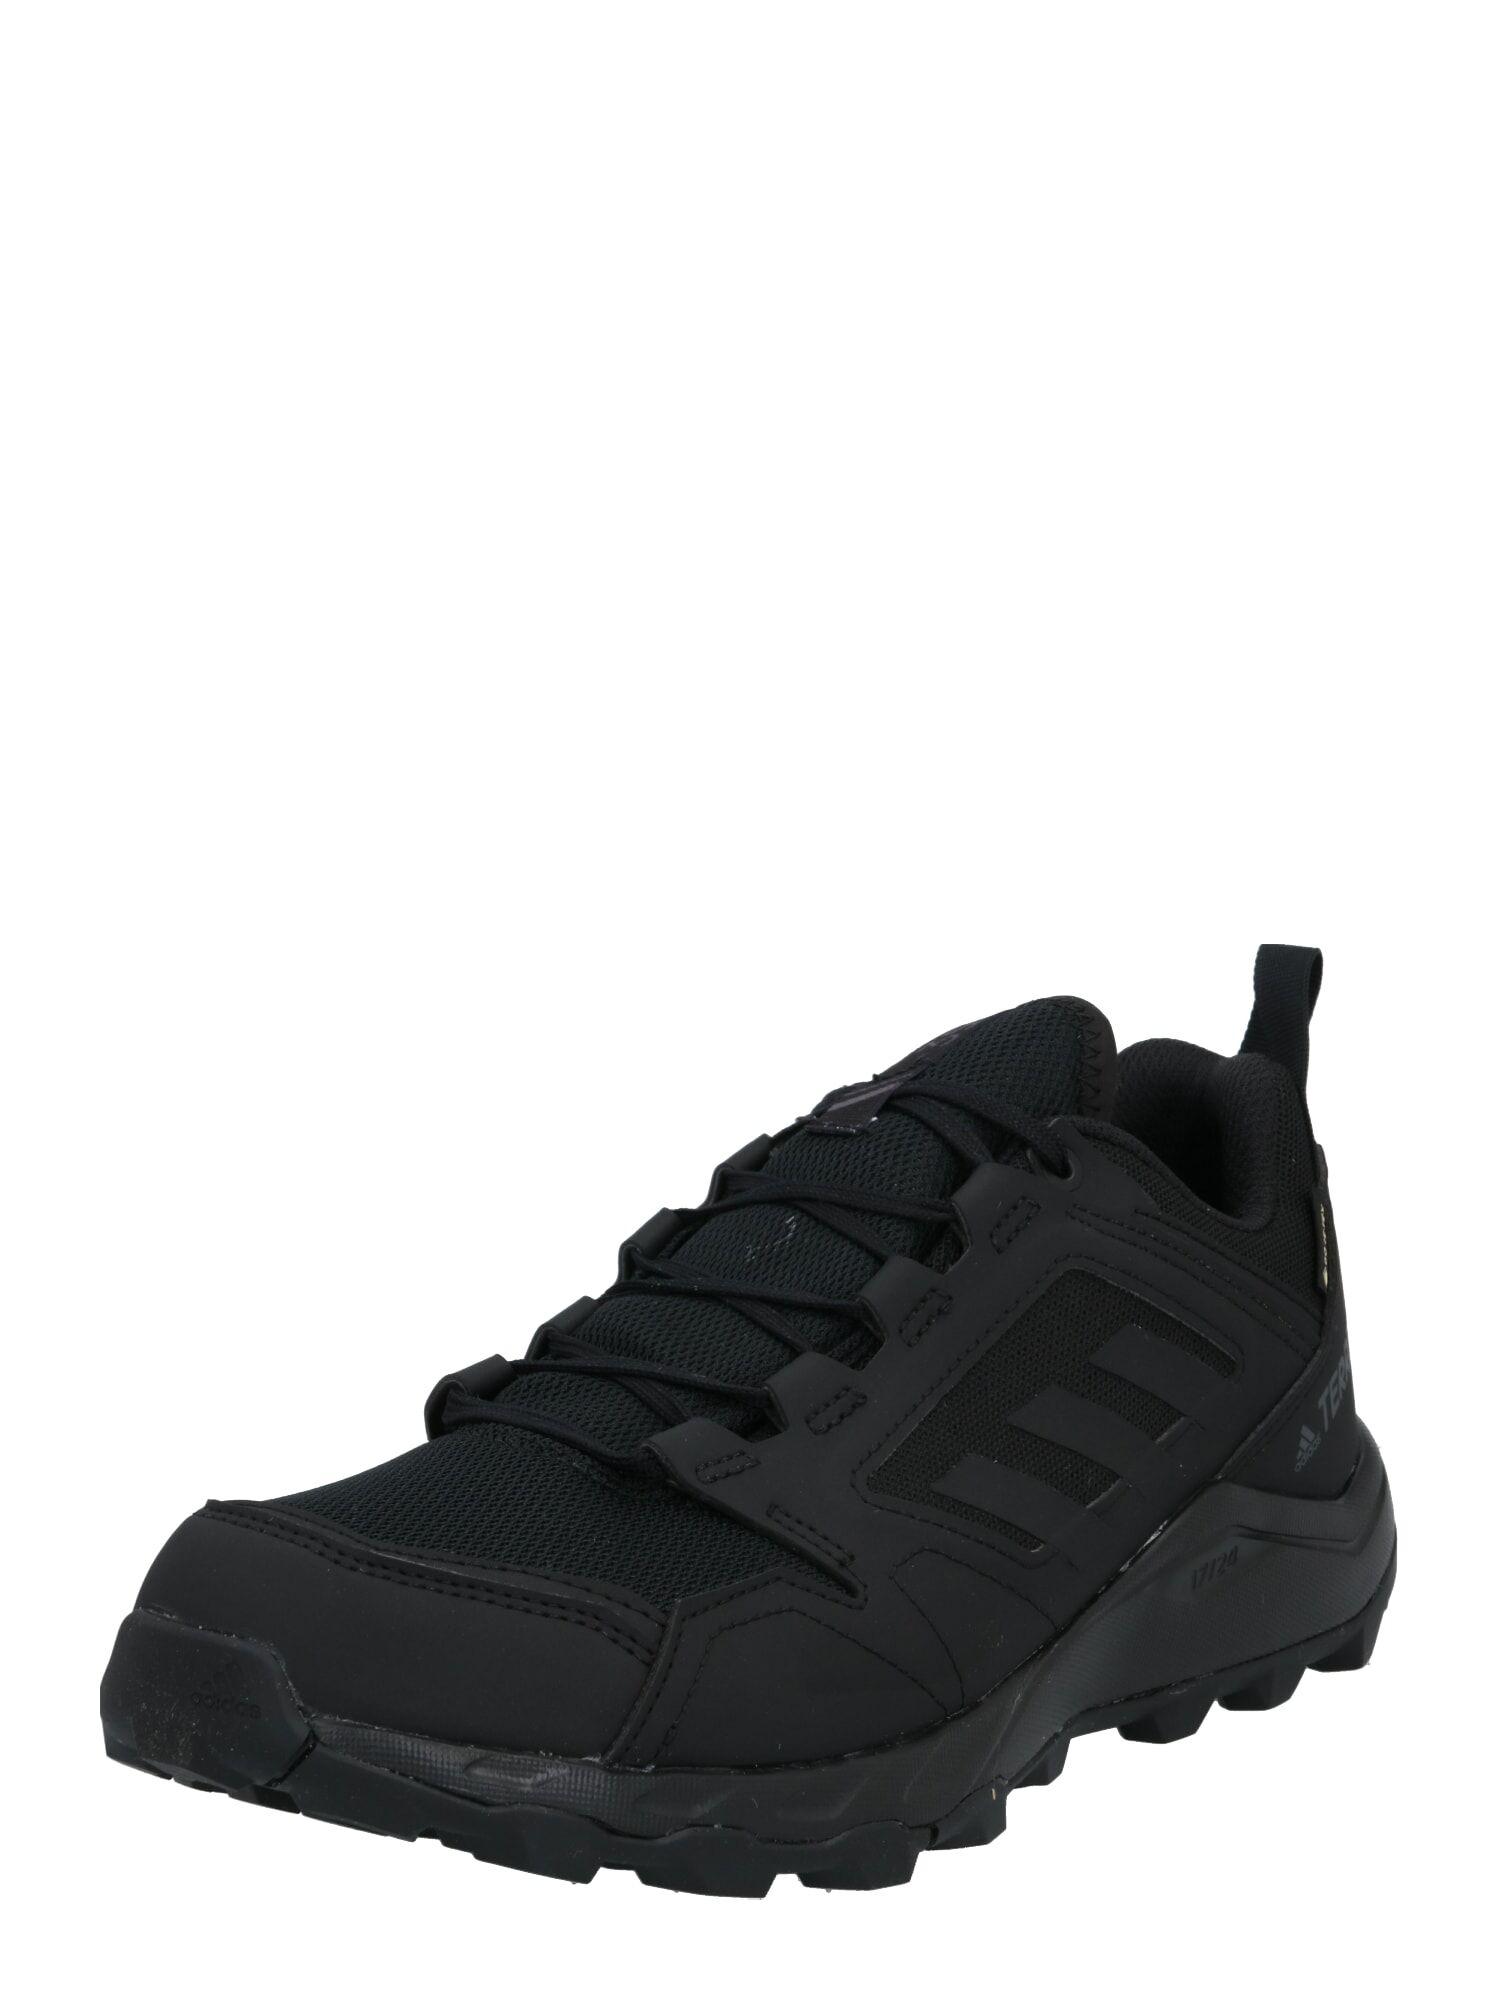 adidas Terrex Chaussure de course  - Noir - Taille: 9.5 - male